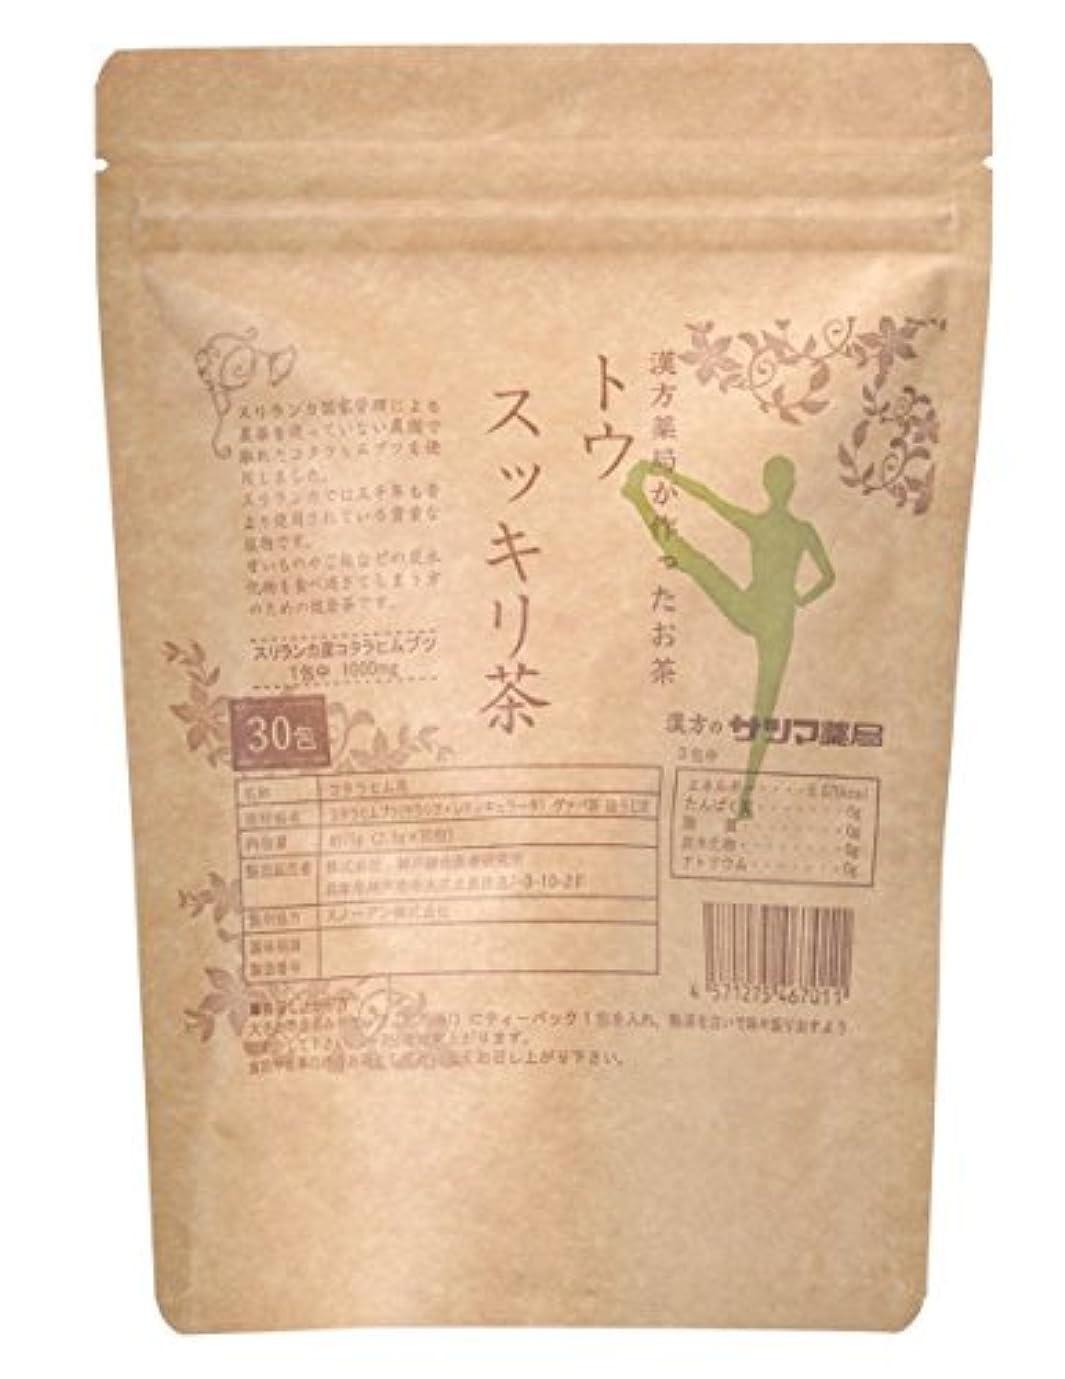 二年生新しさ温かいサツマ薬局 ダイエットティー トウスッキリ茶 30包 ティーパック 高濃度コタラヒム茶 ほうじ茶